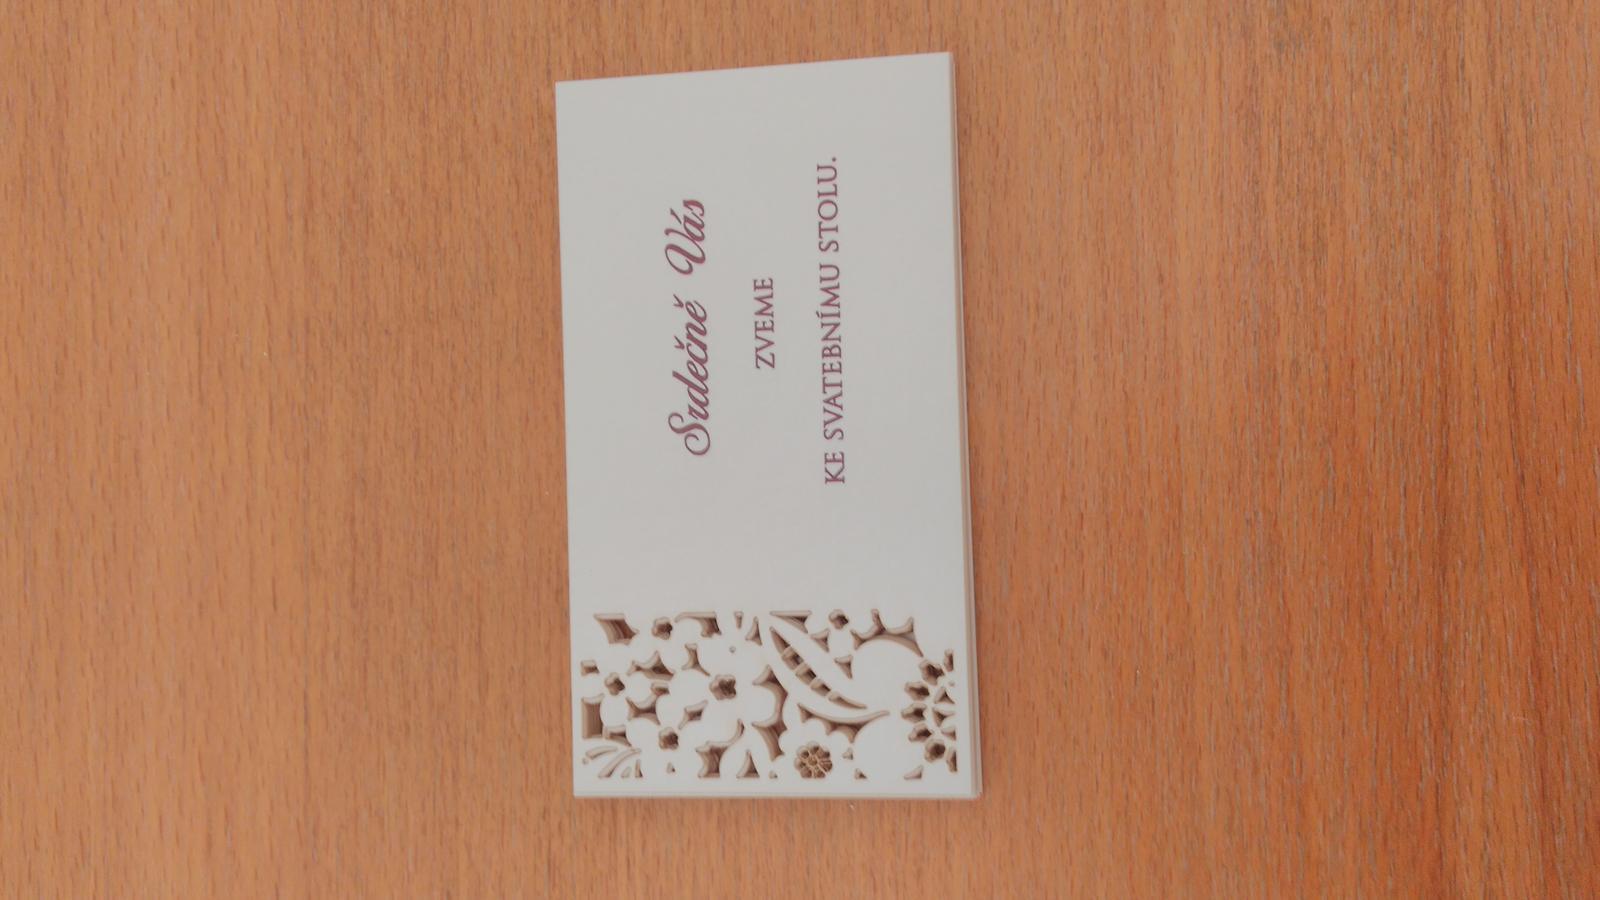 pozvánky ke svatebnímu stolu, 13x   (6,2Kč/ks.) - Obrázek č. 1